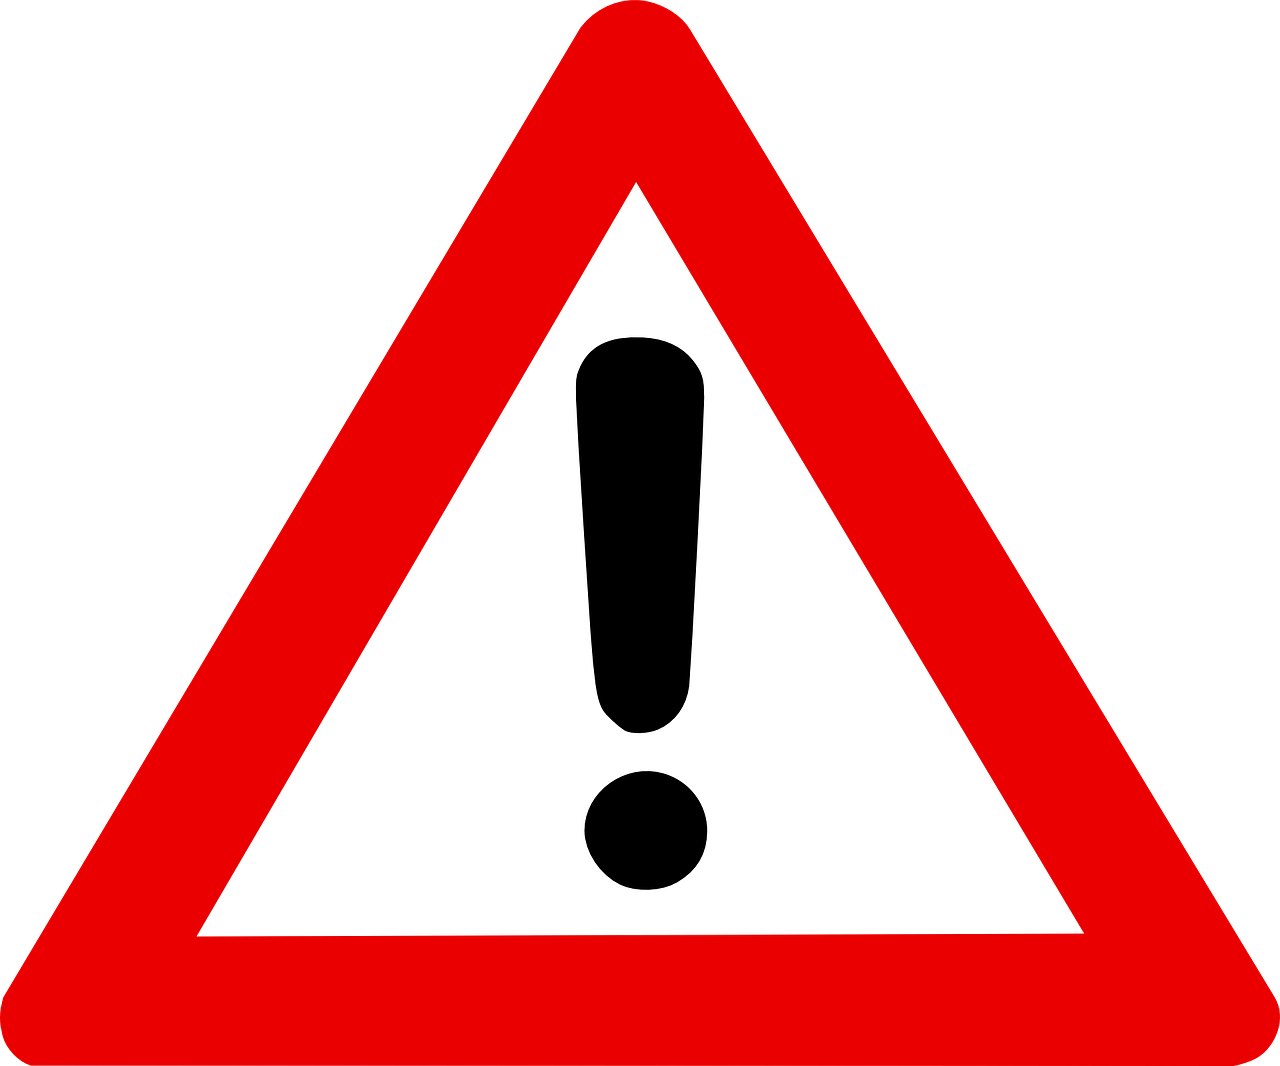 三角形警告指示牌